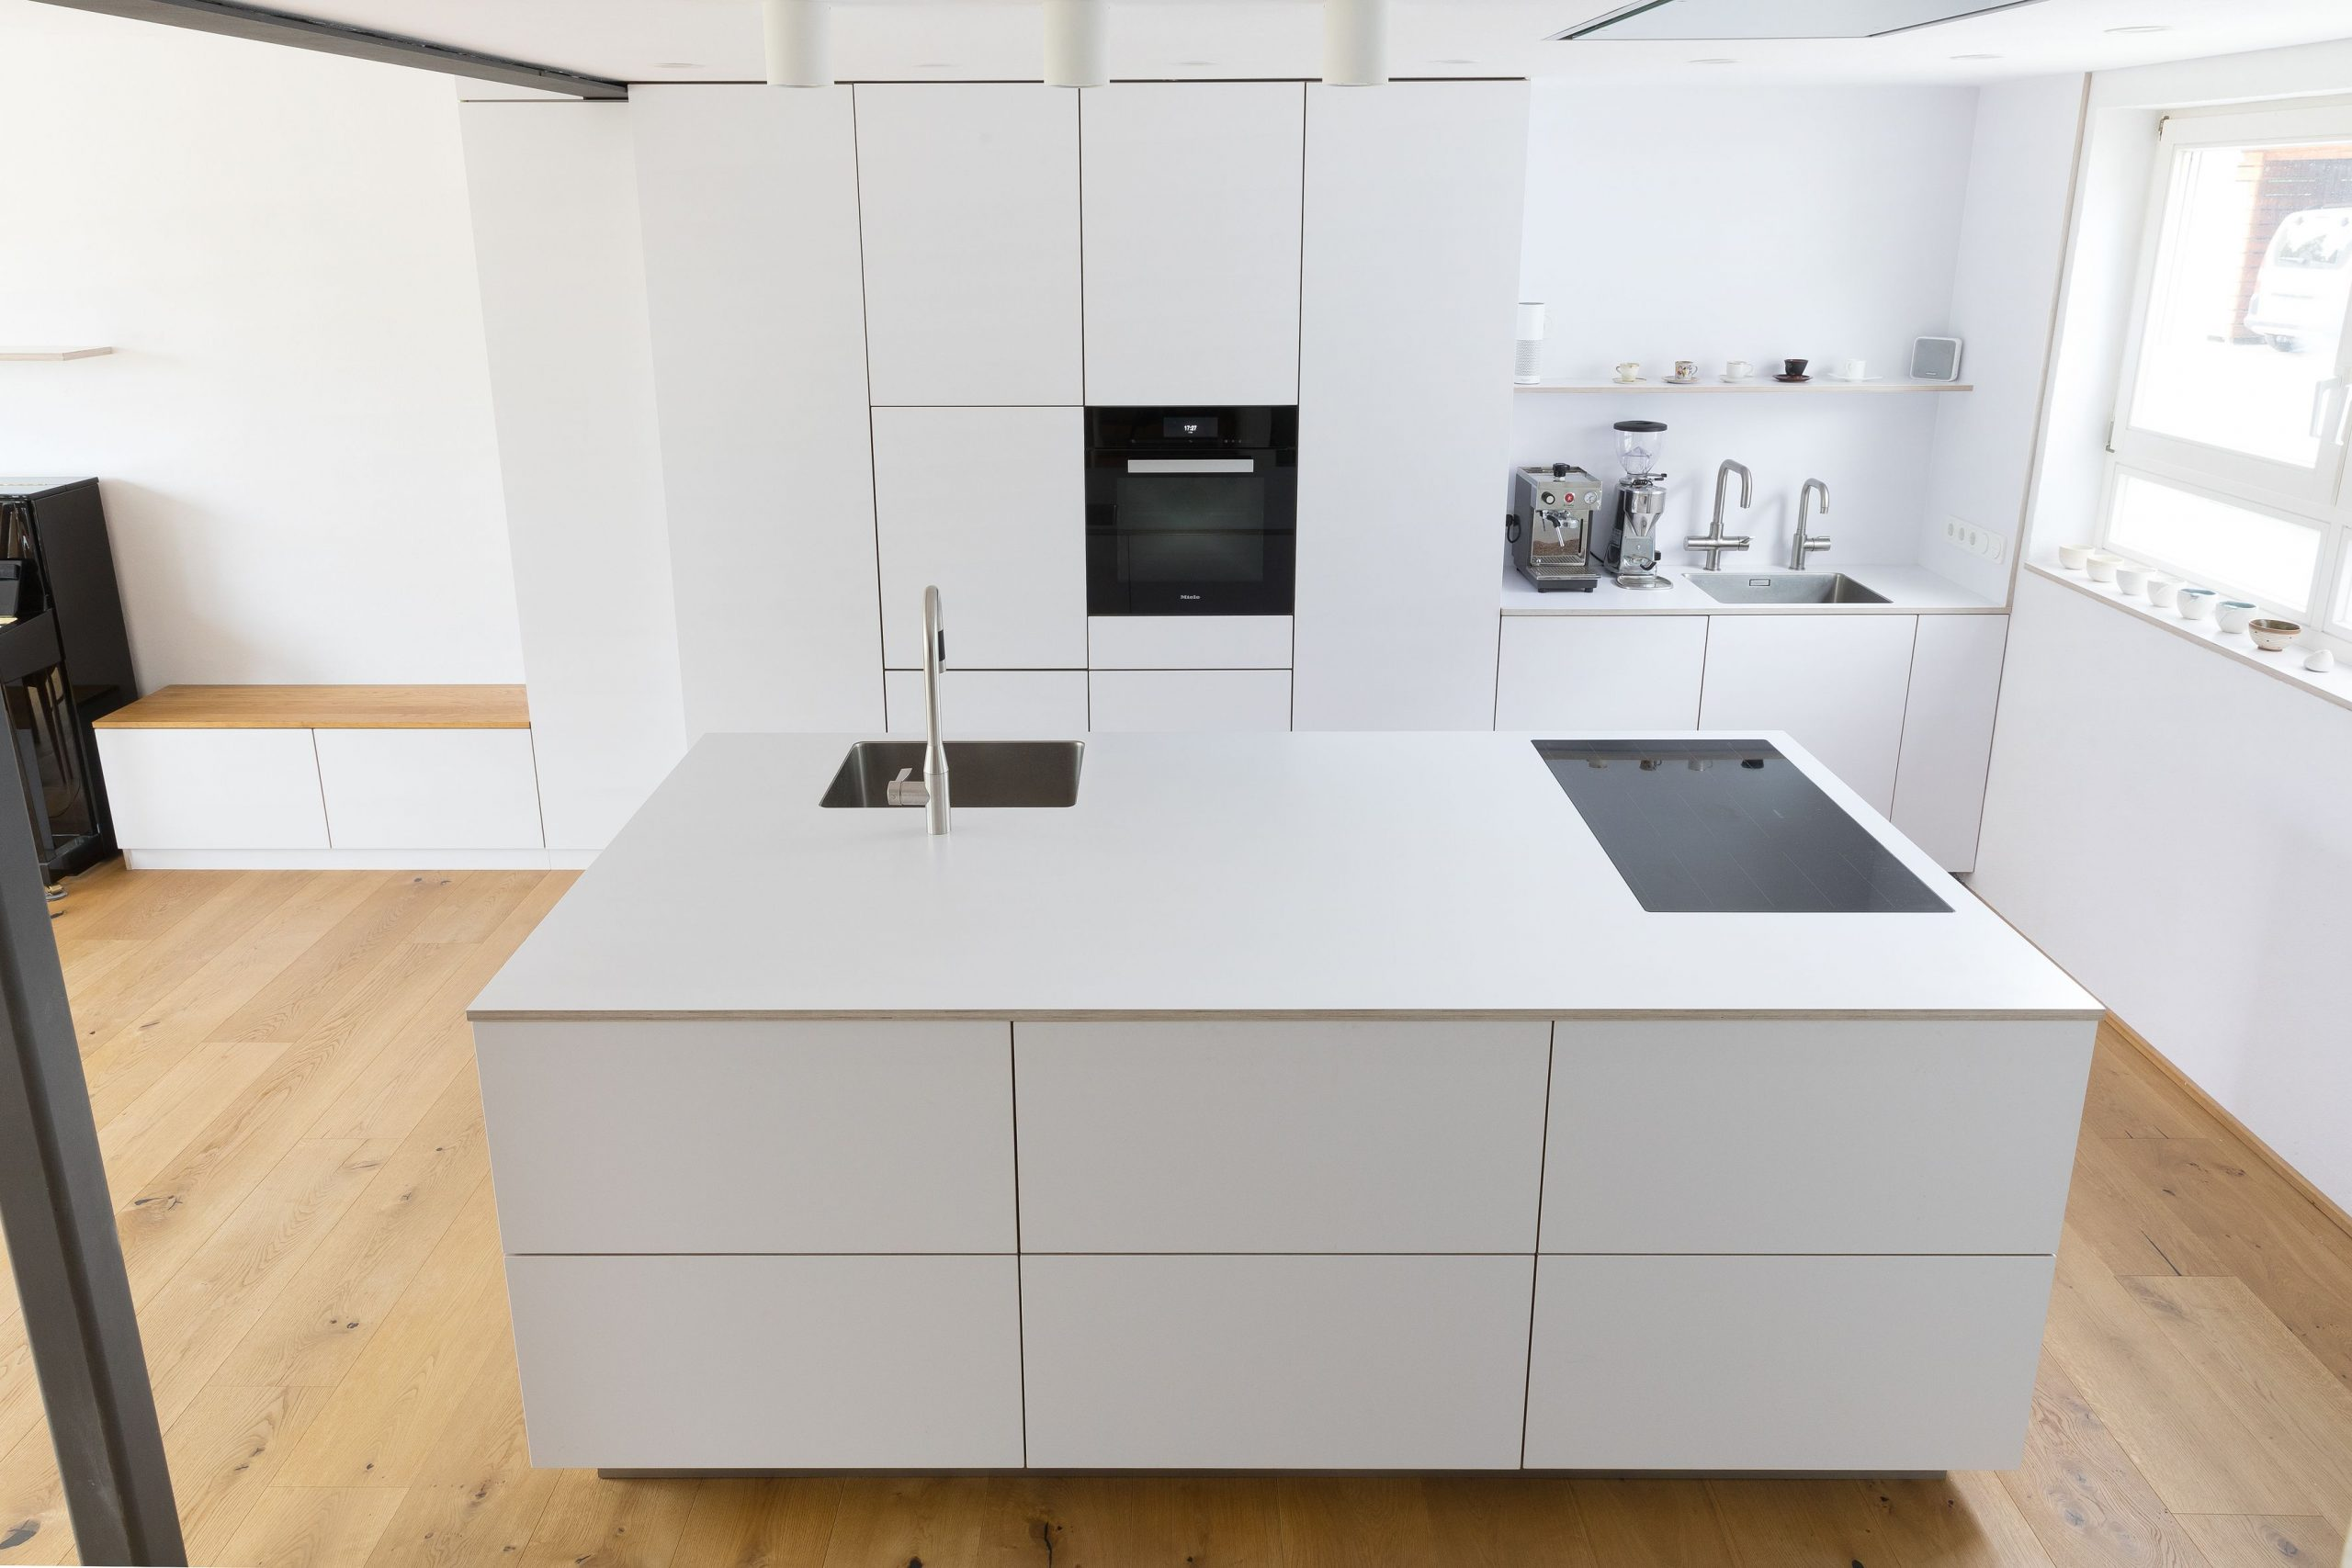 Full Size of Küchenideen Weie Kche Designerkche Loftkche Loft Sitzecke Wohnzimmer Küchenideen